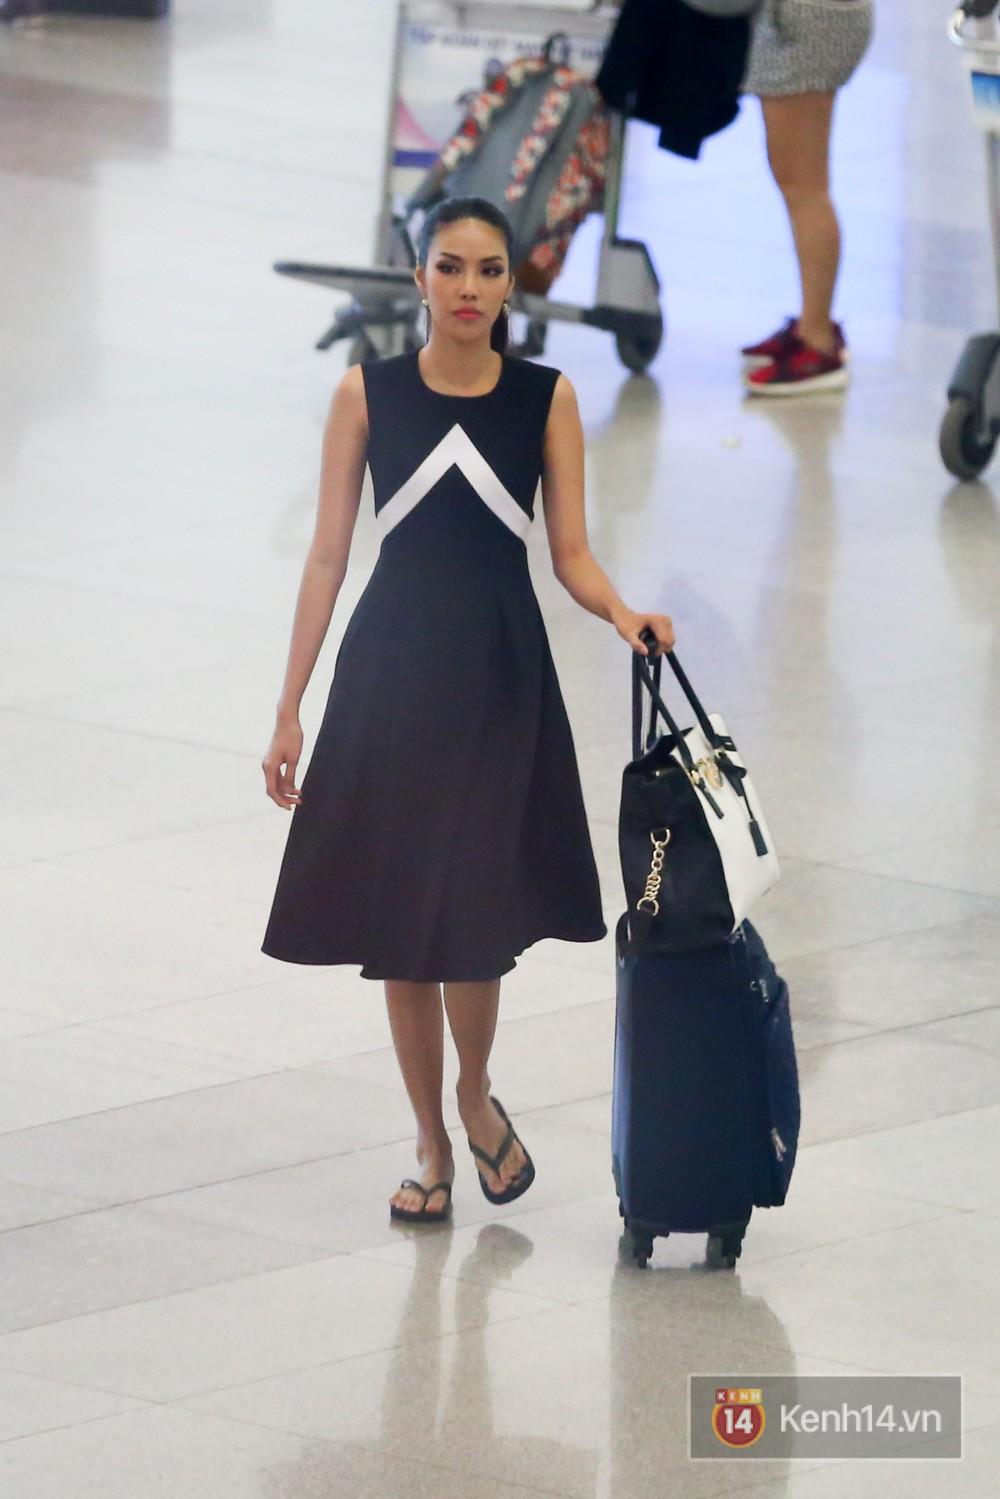 Sắp lên xe hoa cùng chồng doanh nhân, thế nhưng Lan Khuê vẫn tiết kiệm diện lại bộ đầm đã mặc từ 3 năm trước  - Ảnh 3.